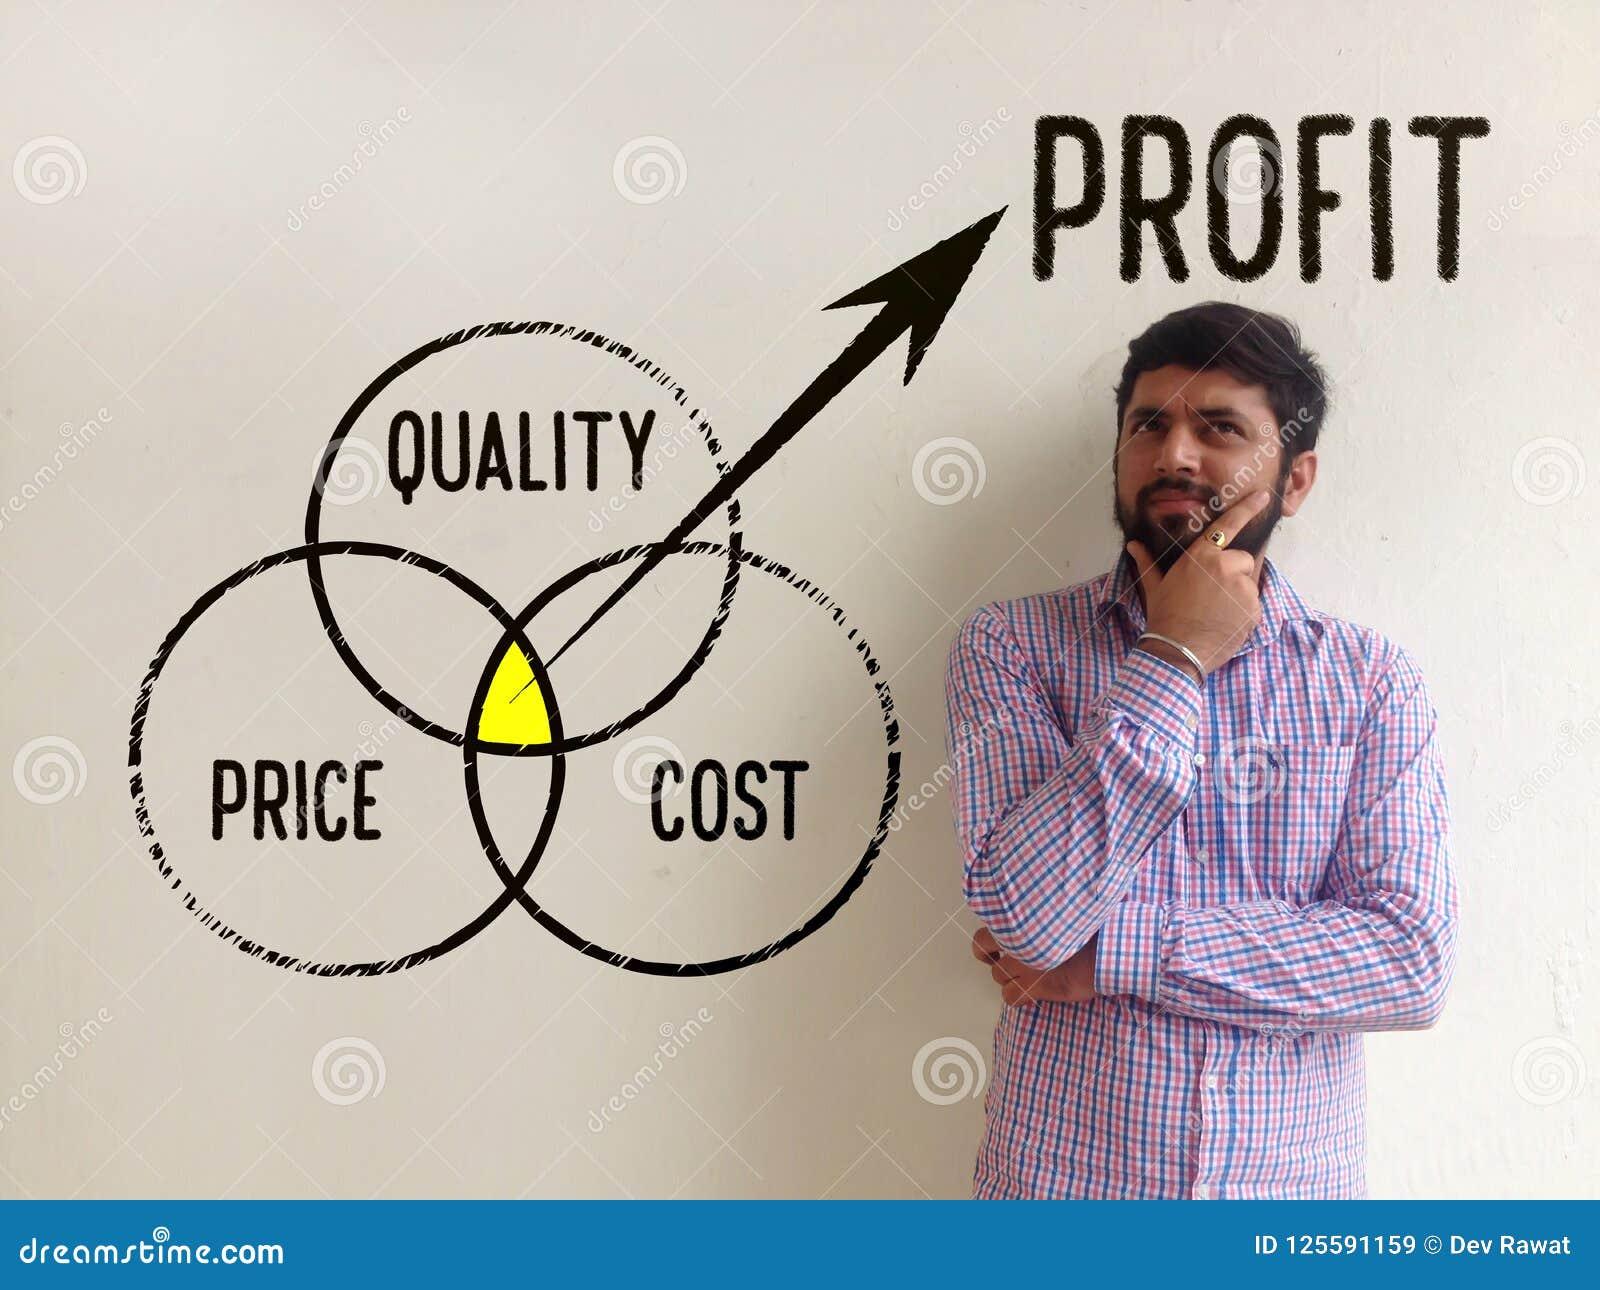 Qualität, Preis und Kosten - Gewinn-Konzept